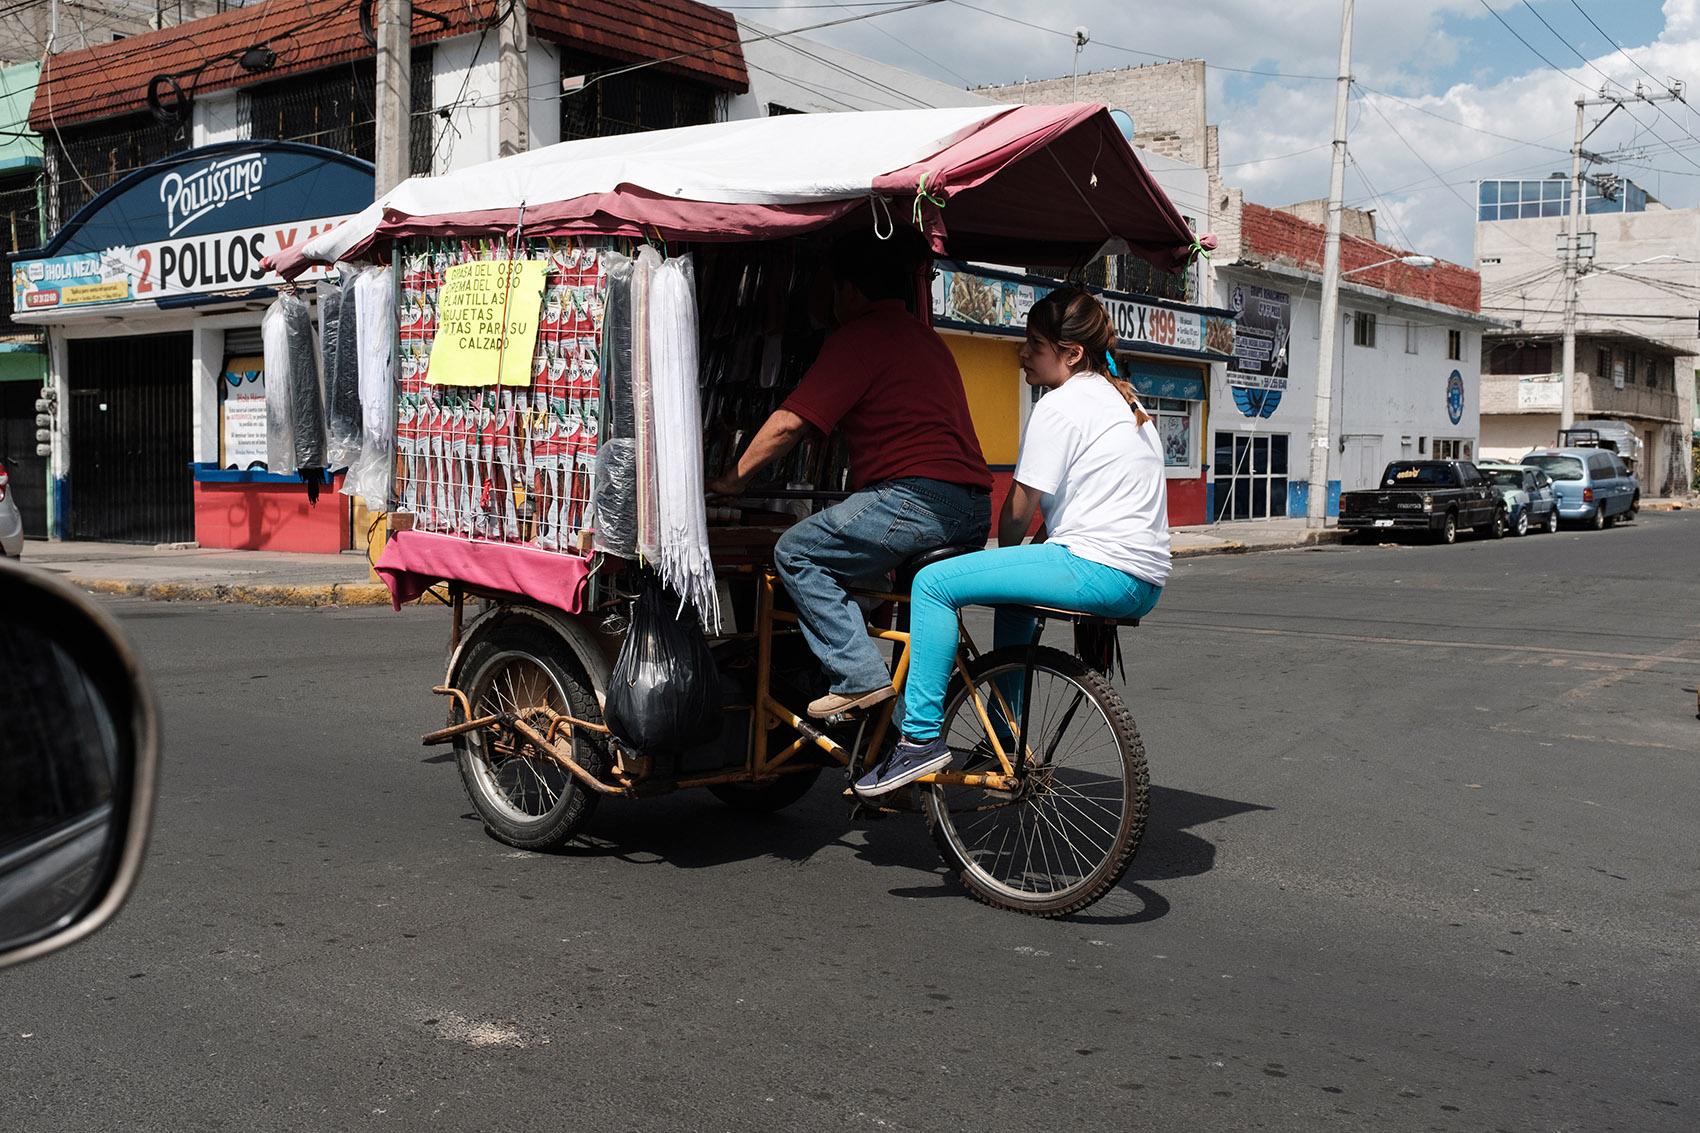 Ciclistas por Ockesaid a.k.a Joel Lugo - Street Photographer